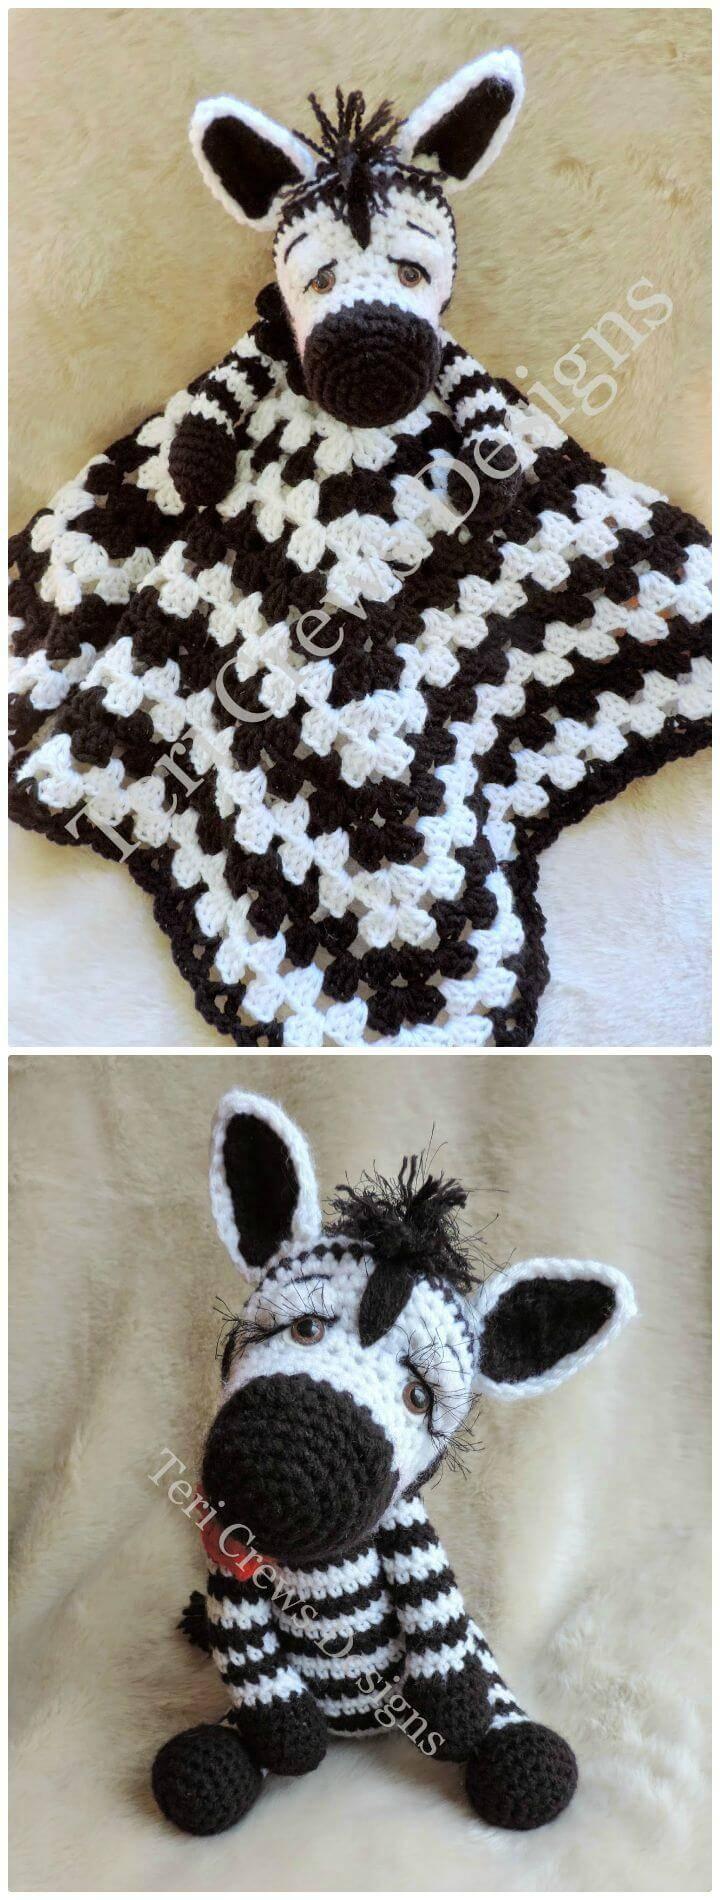 Crochet New Simply Cute Zebra - Free Pattern